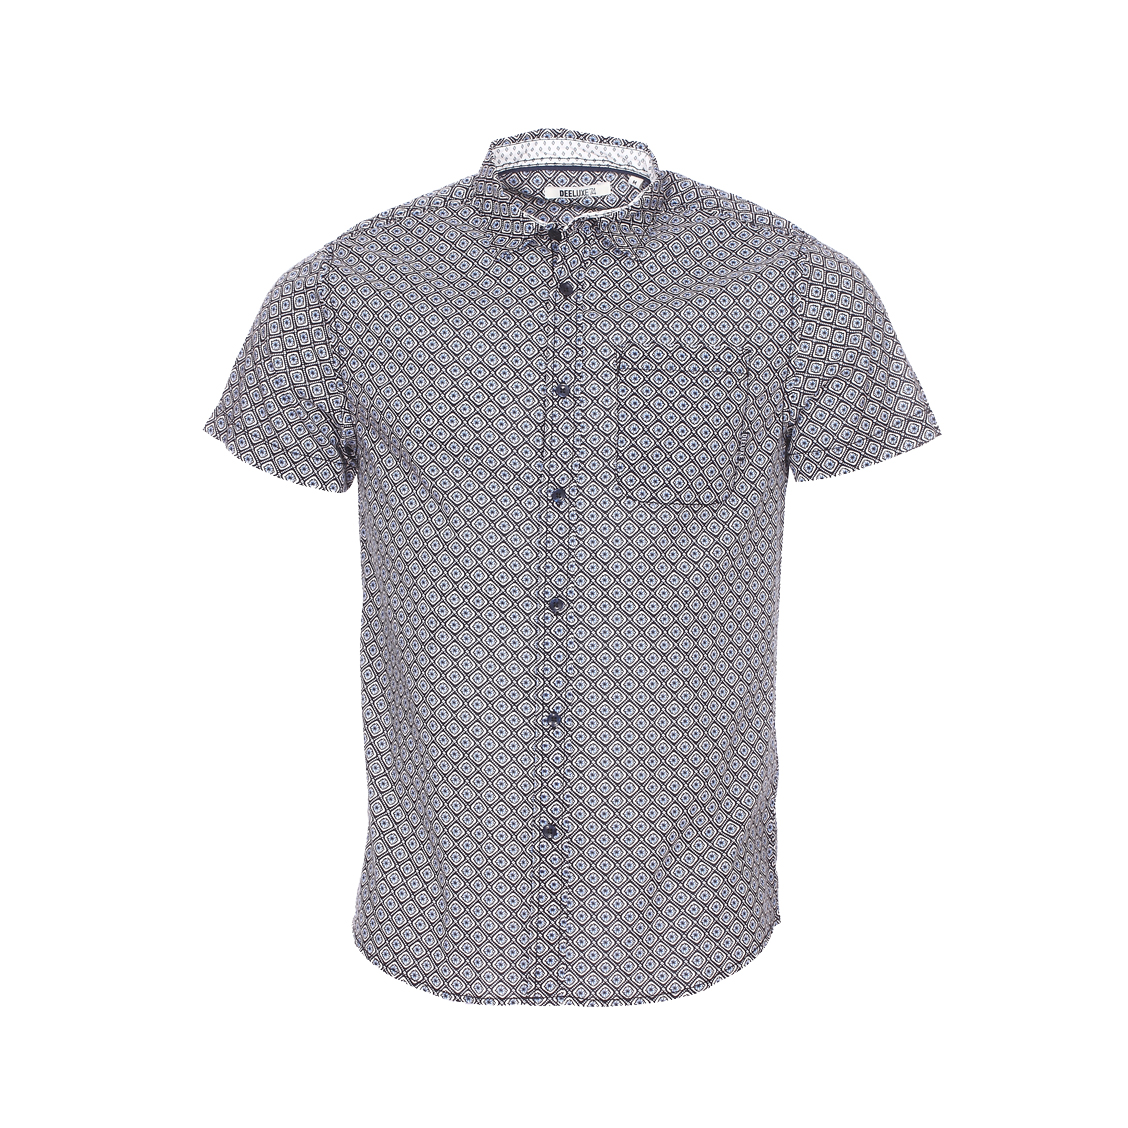 Chemise ajustée manches courtes  carillo en coton léger noir à motifs blancs et bleu ciel